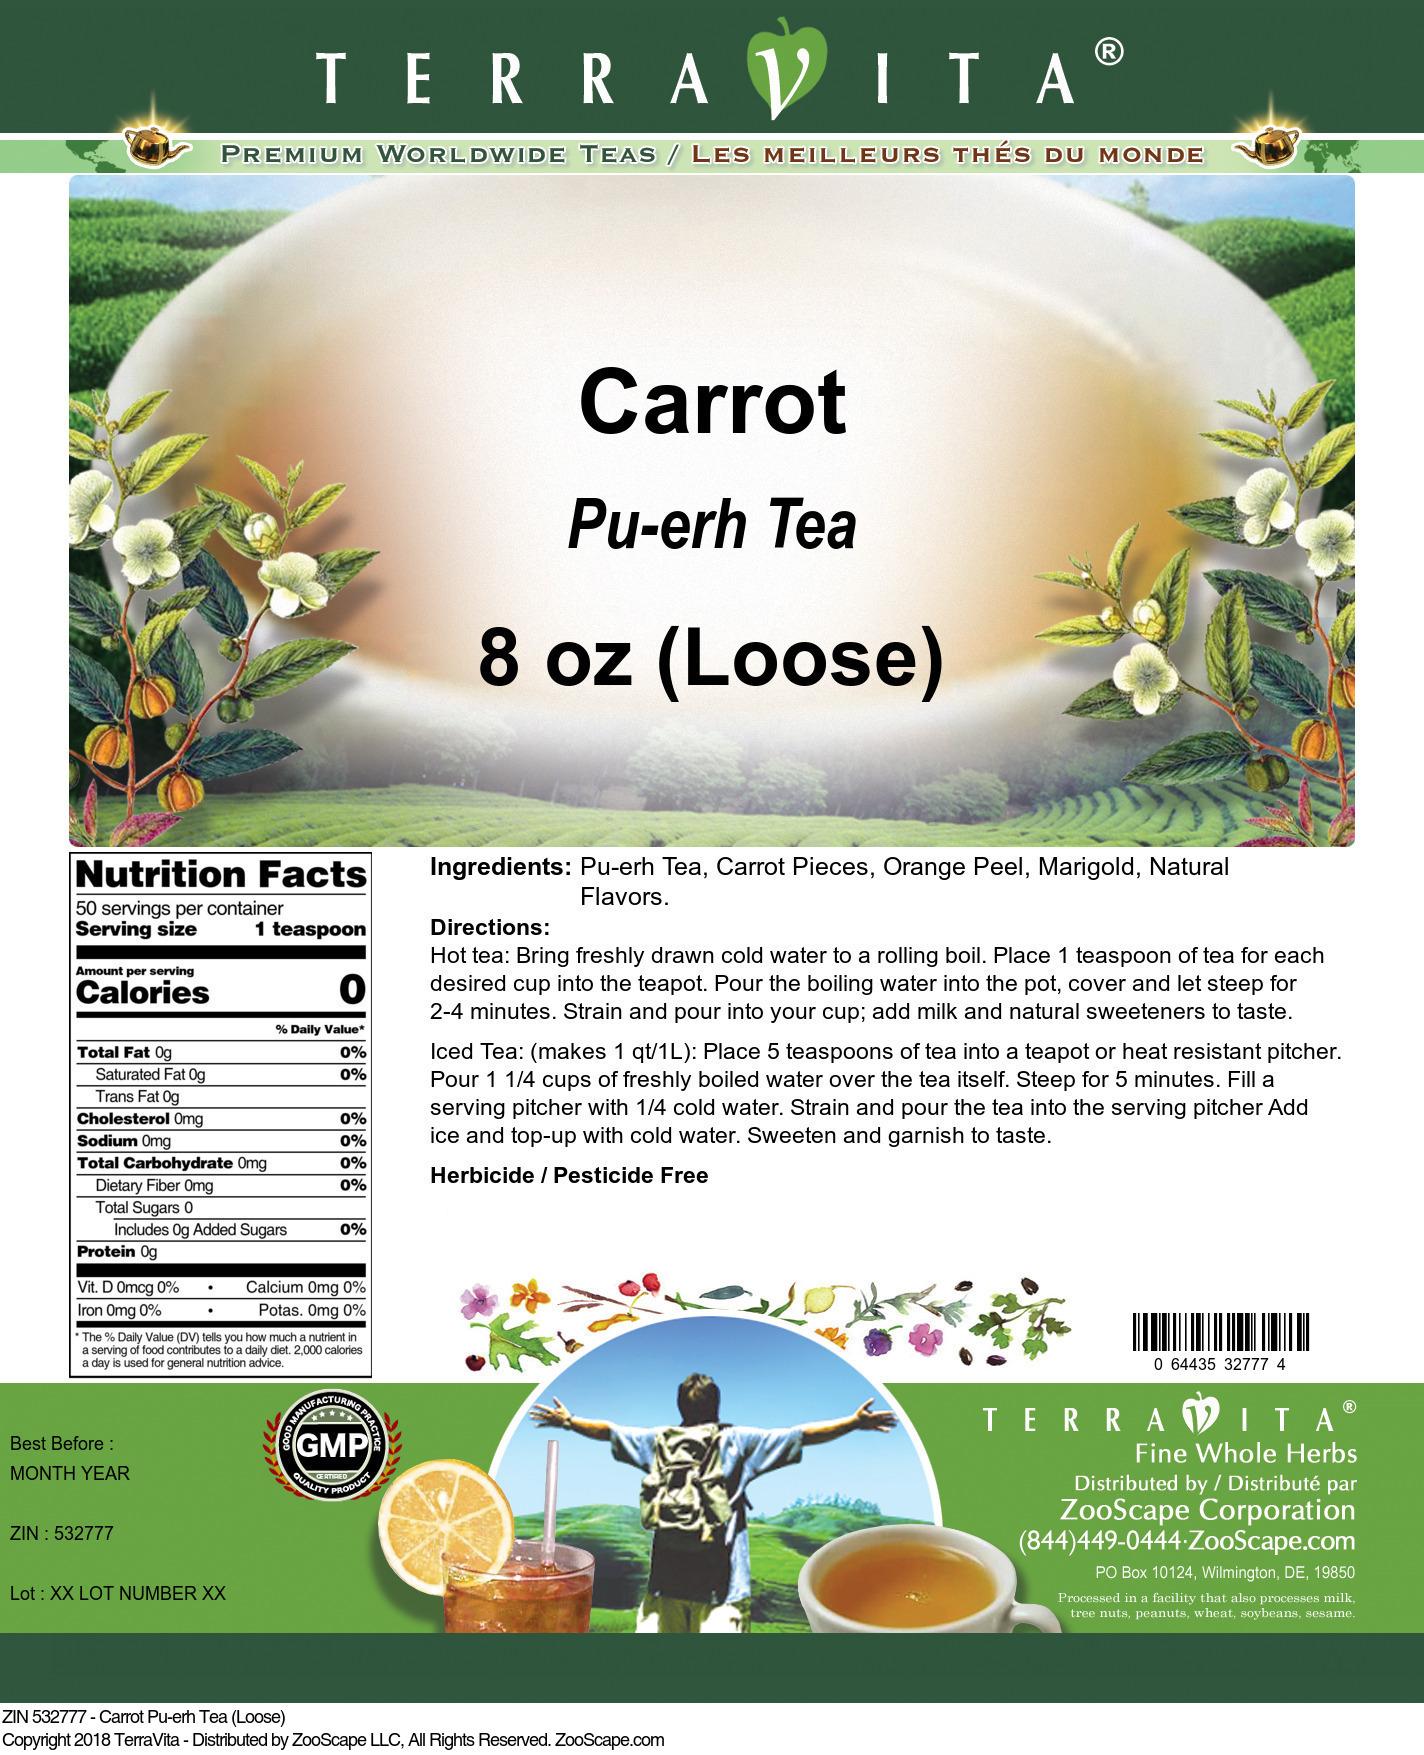 Carrot Pu-erh Tea (Loose)